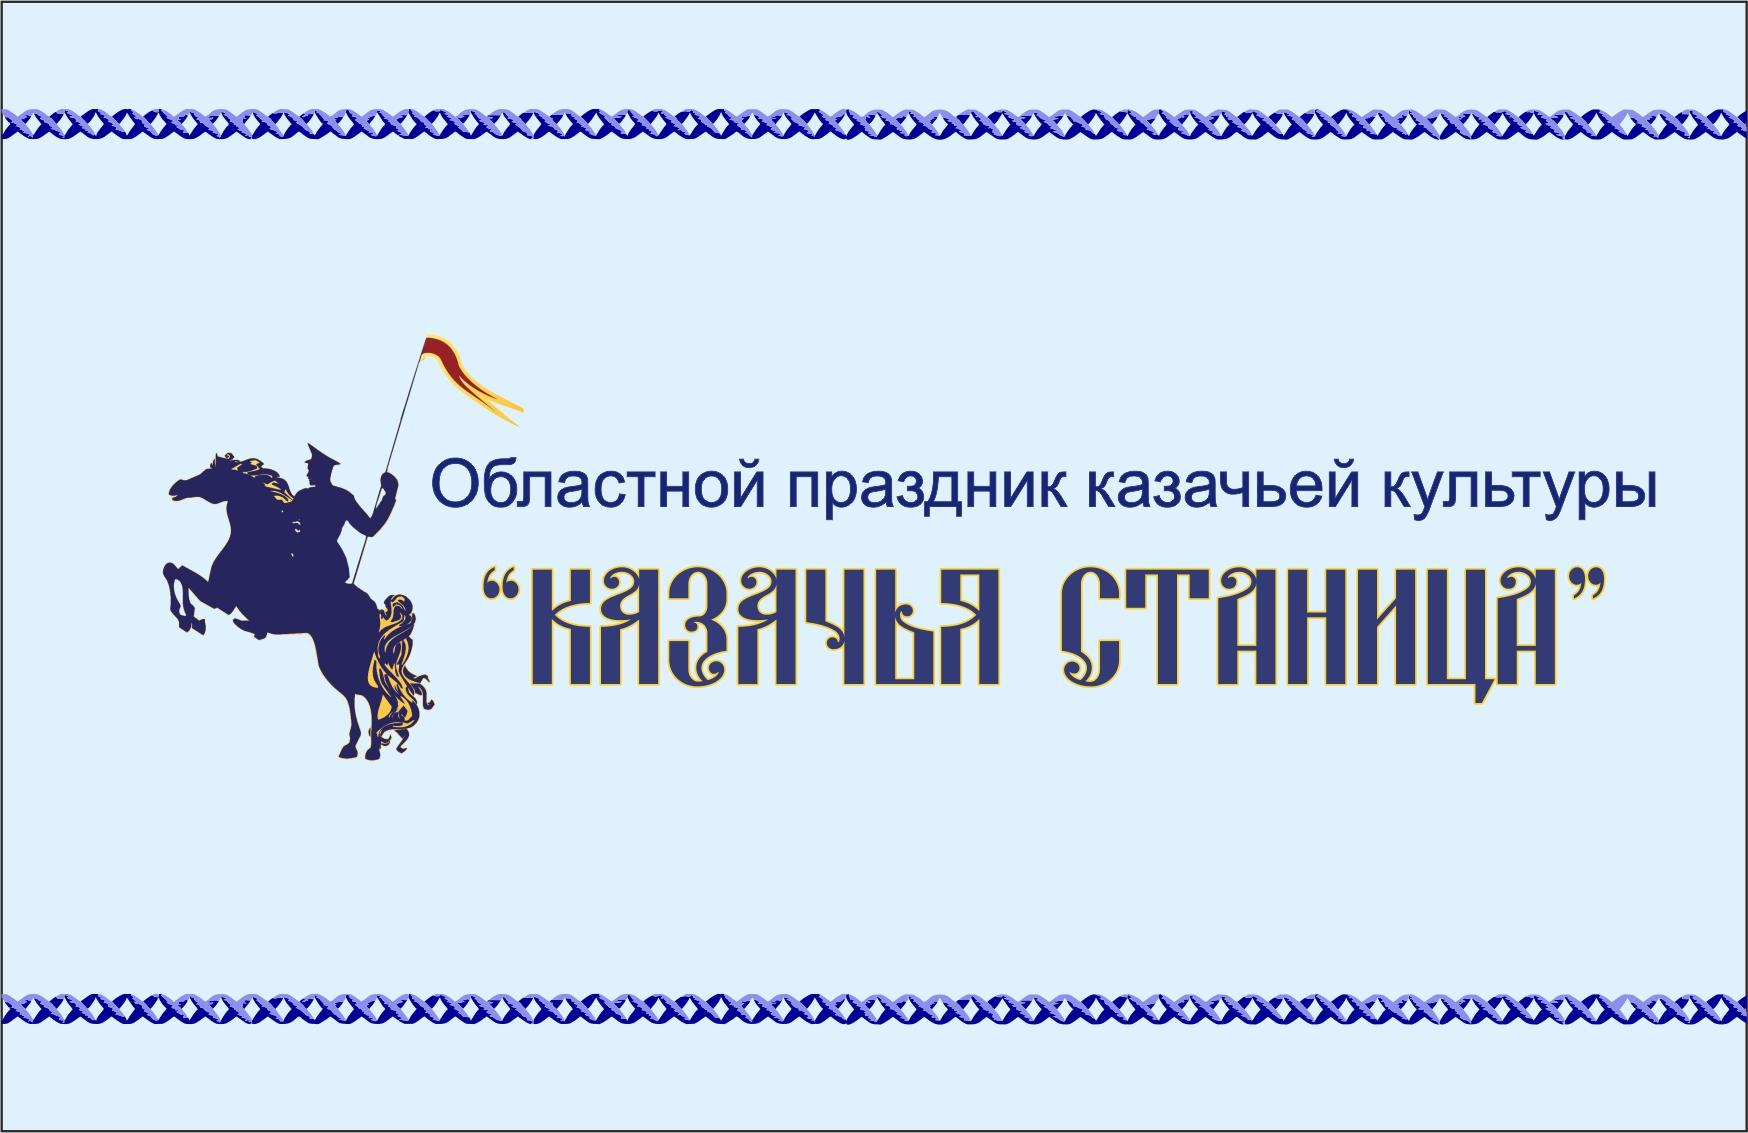 Мастер-классы по хореографии пройдут в Астрахани